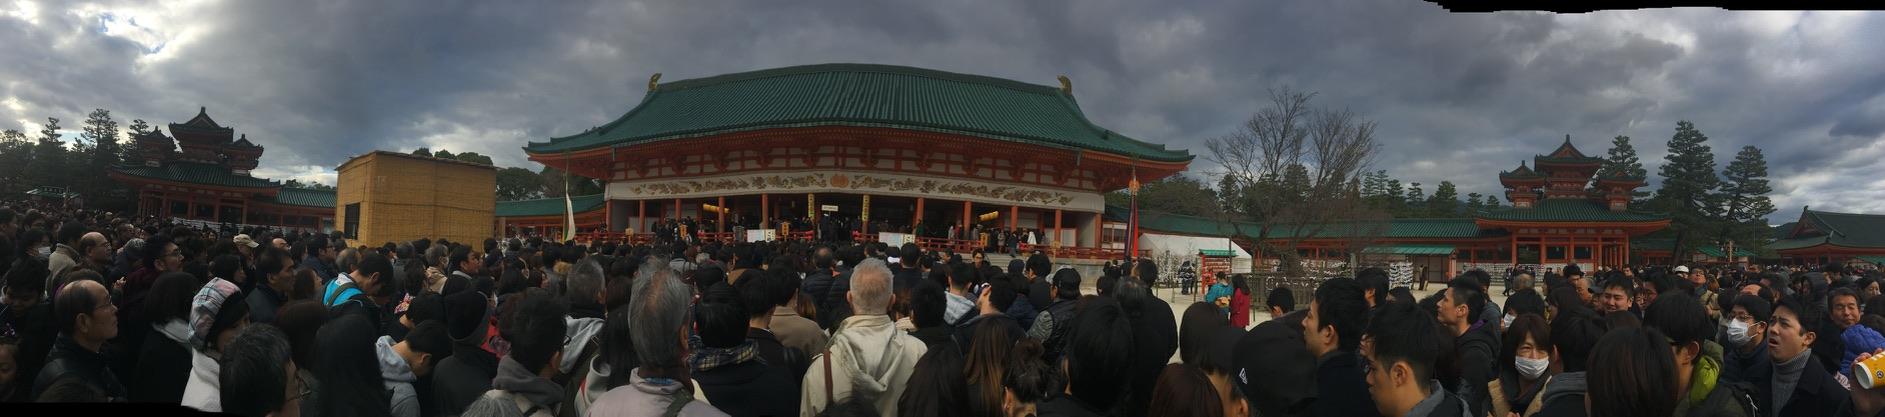 平安神宮 初詣 外拝殿